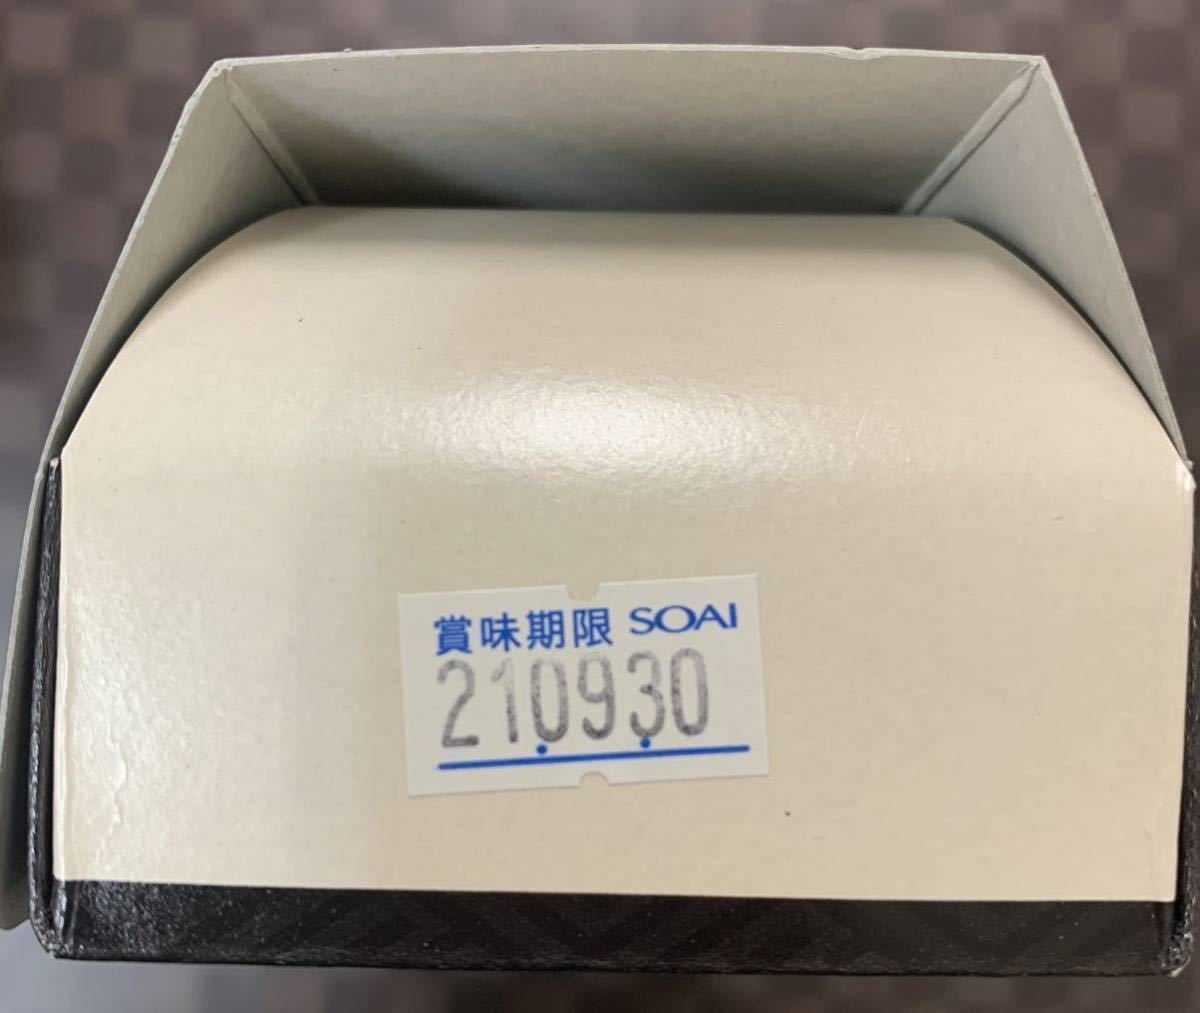 1円スタート!超お買い得☆アマノフーズ・和食詰め合わせ2箱セット!(定価3240円)_画像5